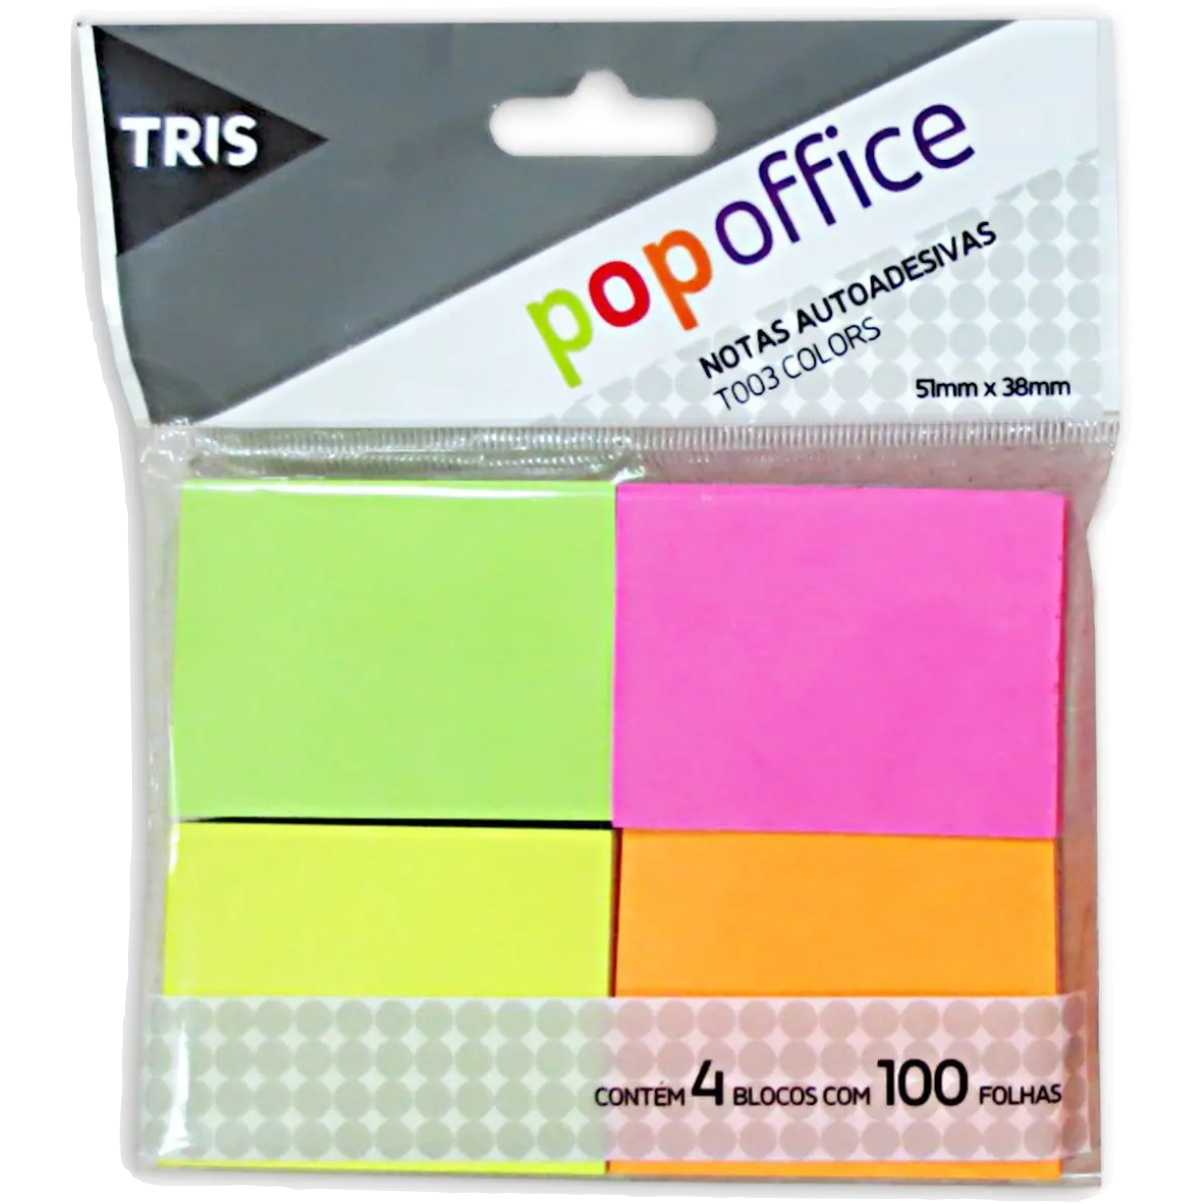 Bloco Notas Adesivas Tris Pop Office T003 Colors 50x40mm 100 Folhas